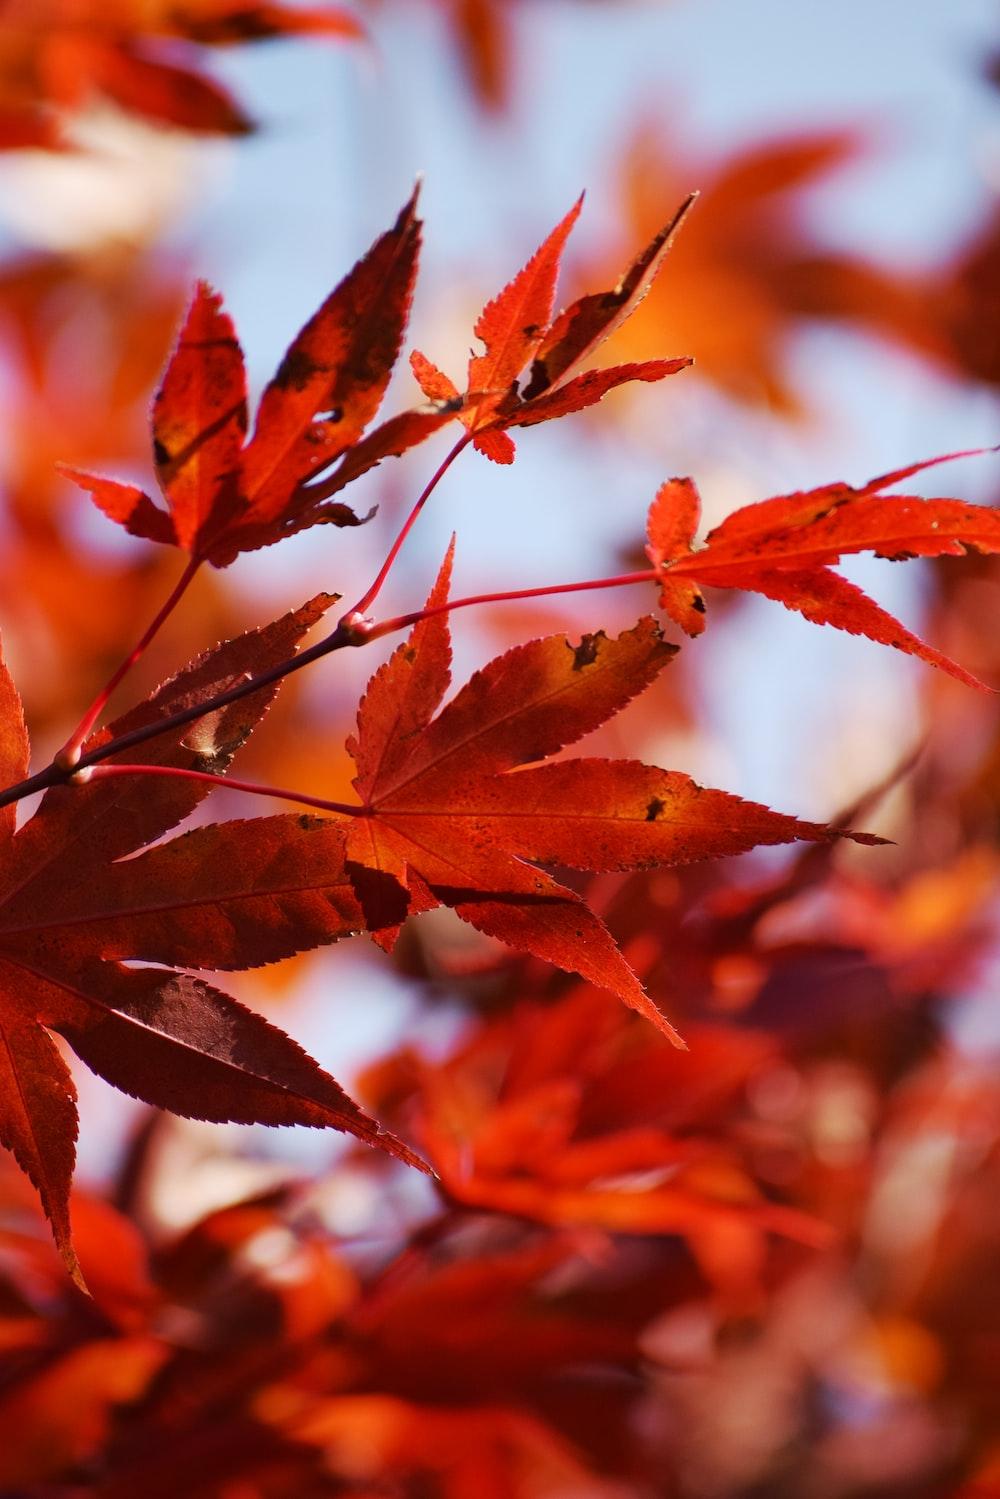 brown Maple tree leaves